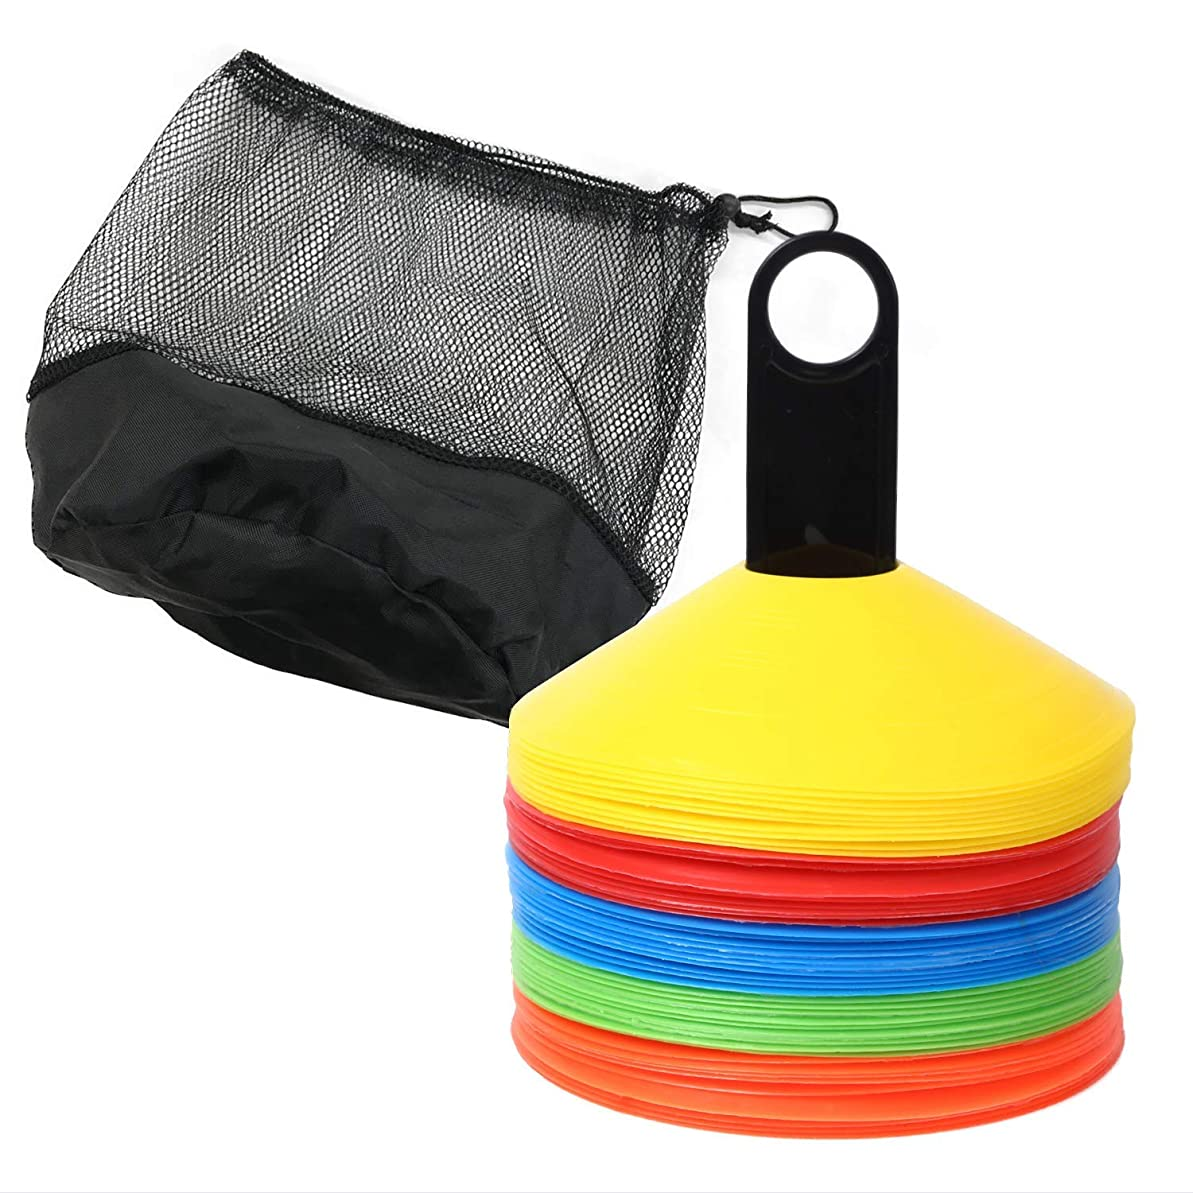 オリエンテーション鉛筆一般LIBERPASS マーカーコーン 50枚セット 収納ネット付 ディスクコーン 三角コーン サッカー フットサル 練習